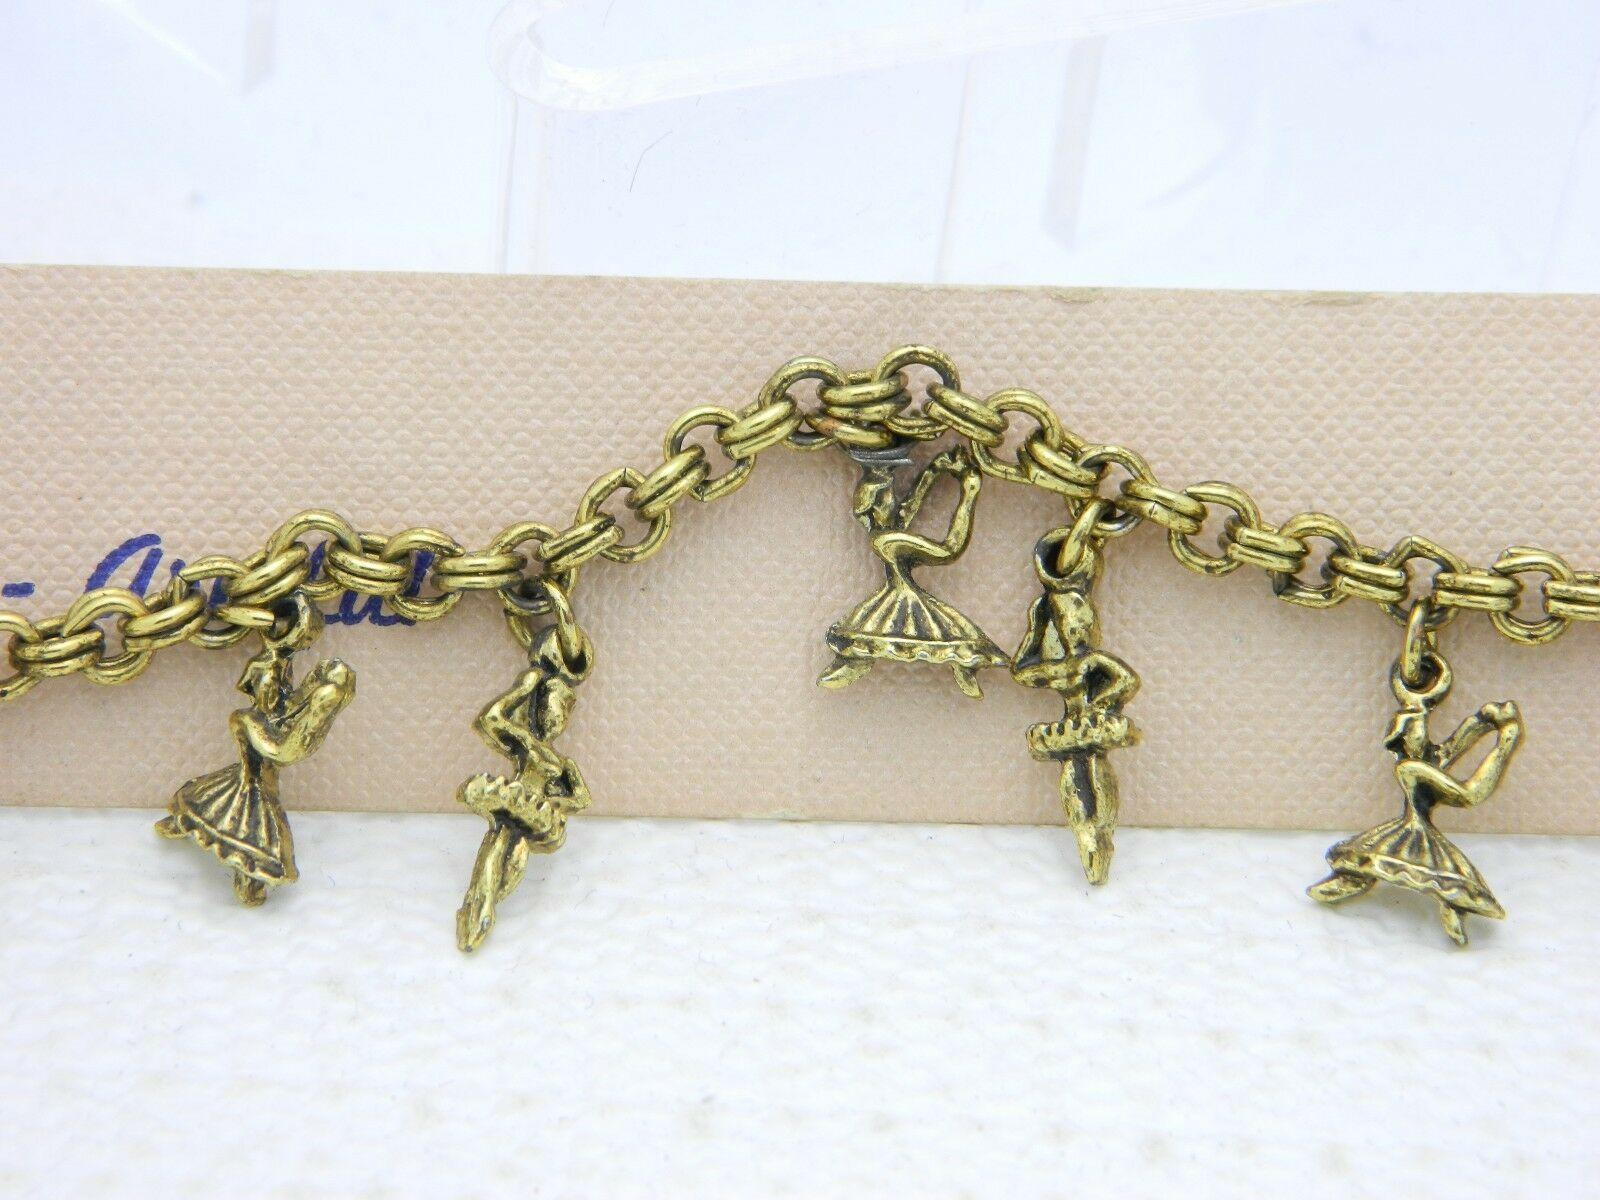 Vintage Gold Tone Ballerina Dancers Charm Bracelet New Old Stock image 3